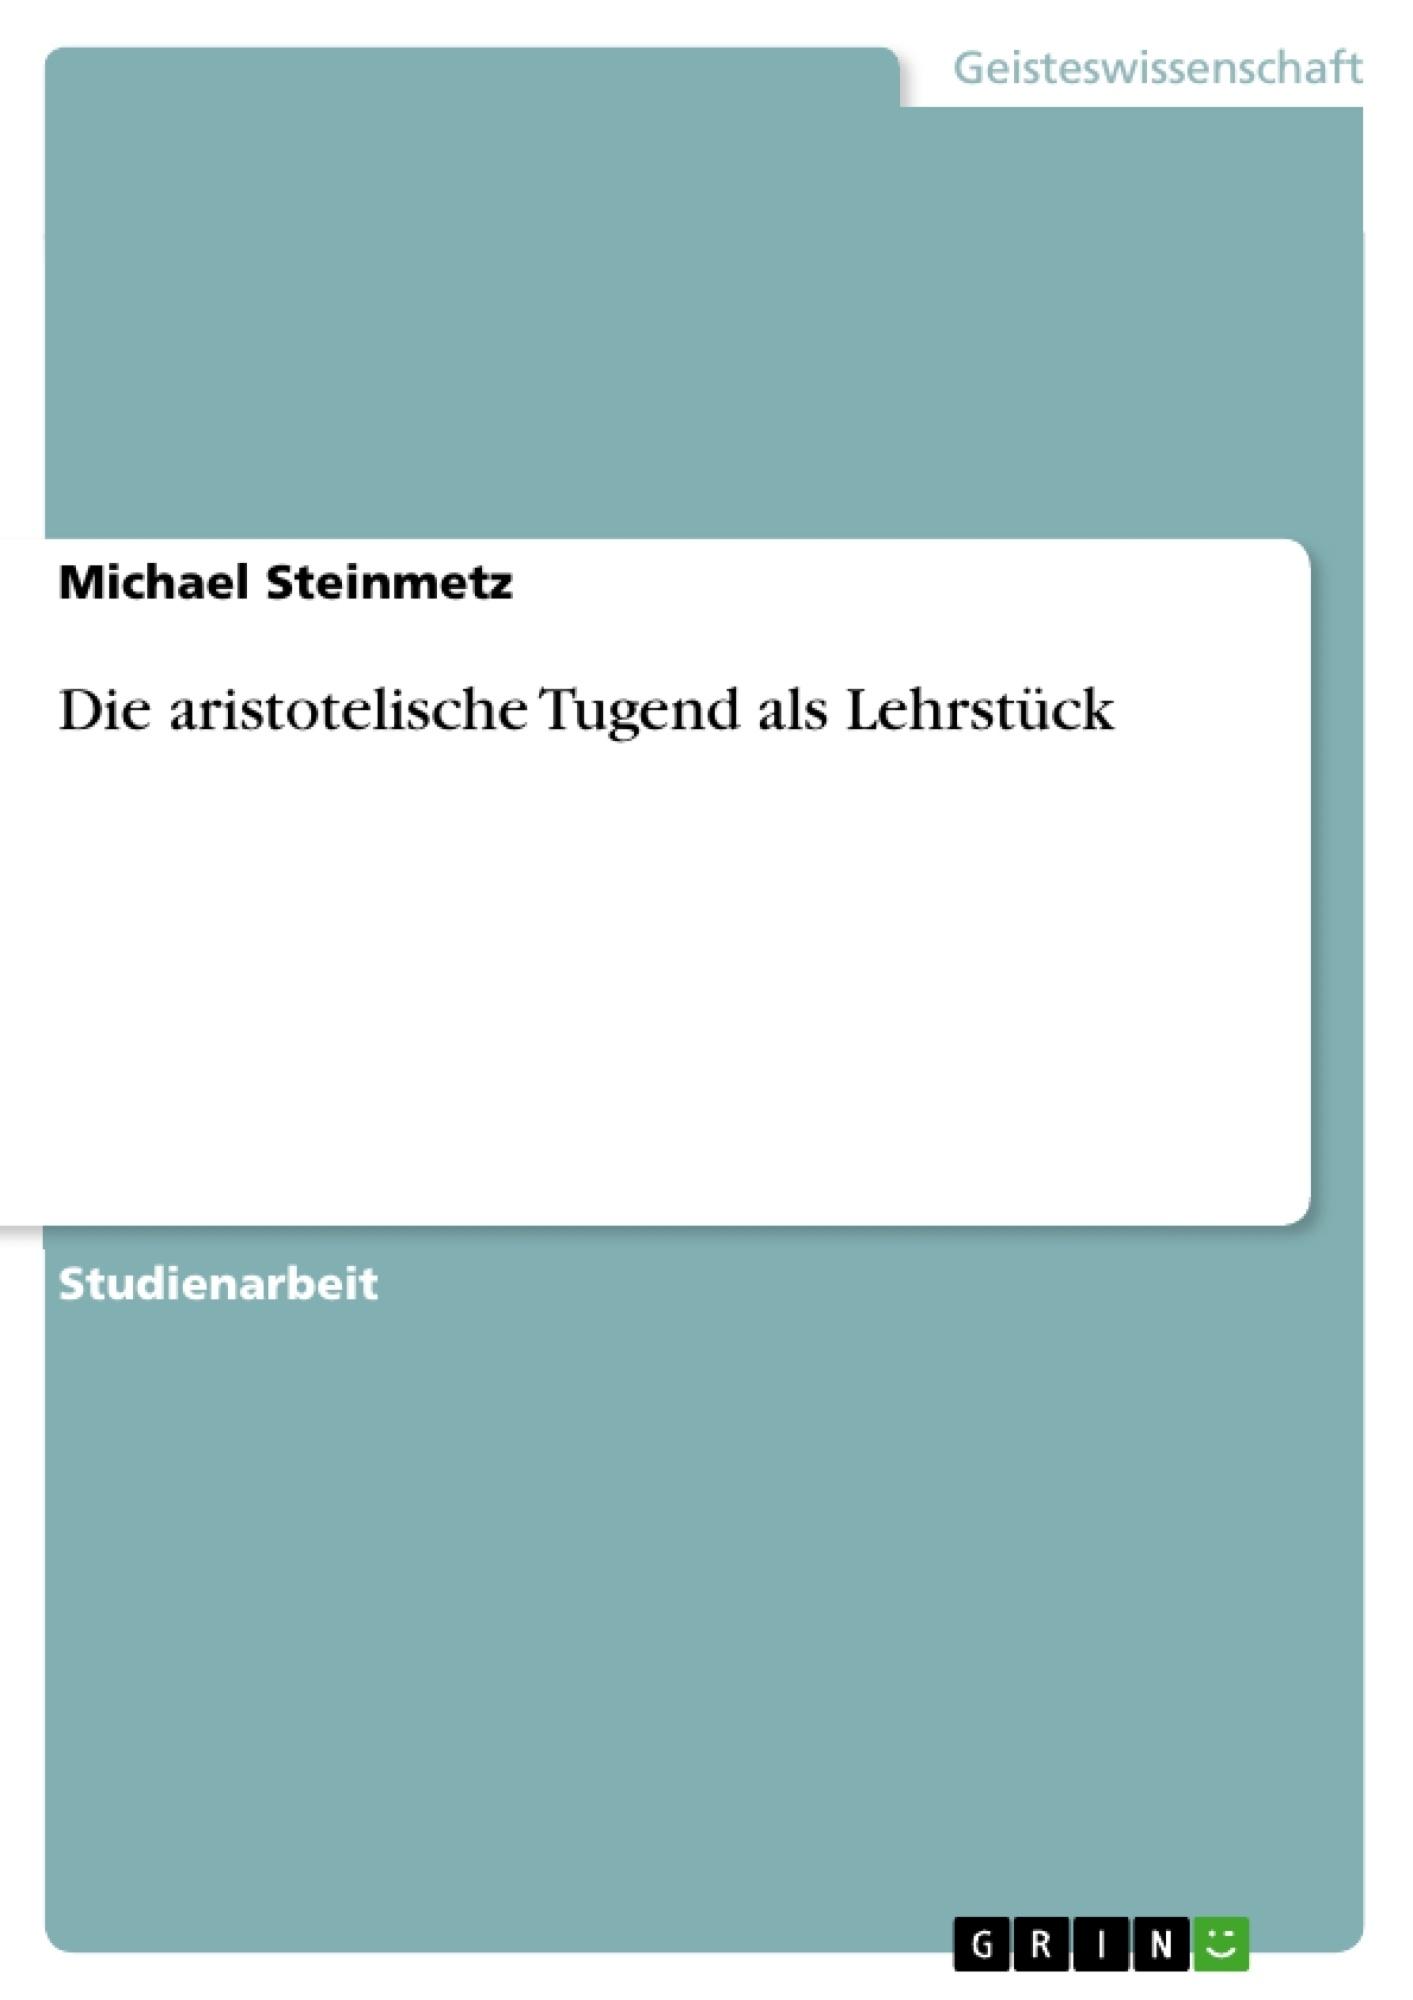 Titel: Die aristotelische Tugend als Lehrstück